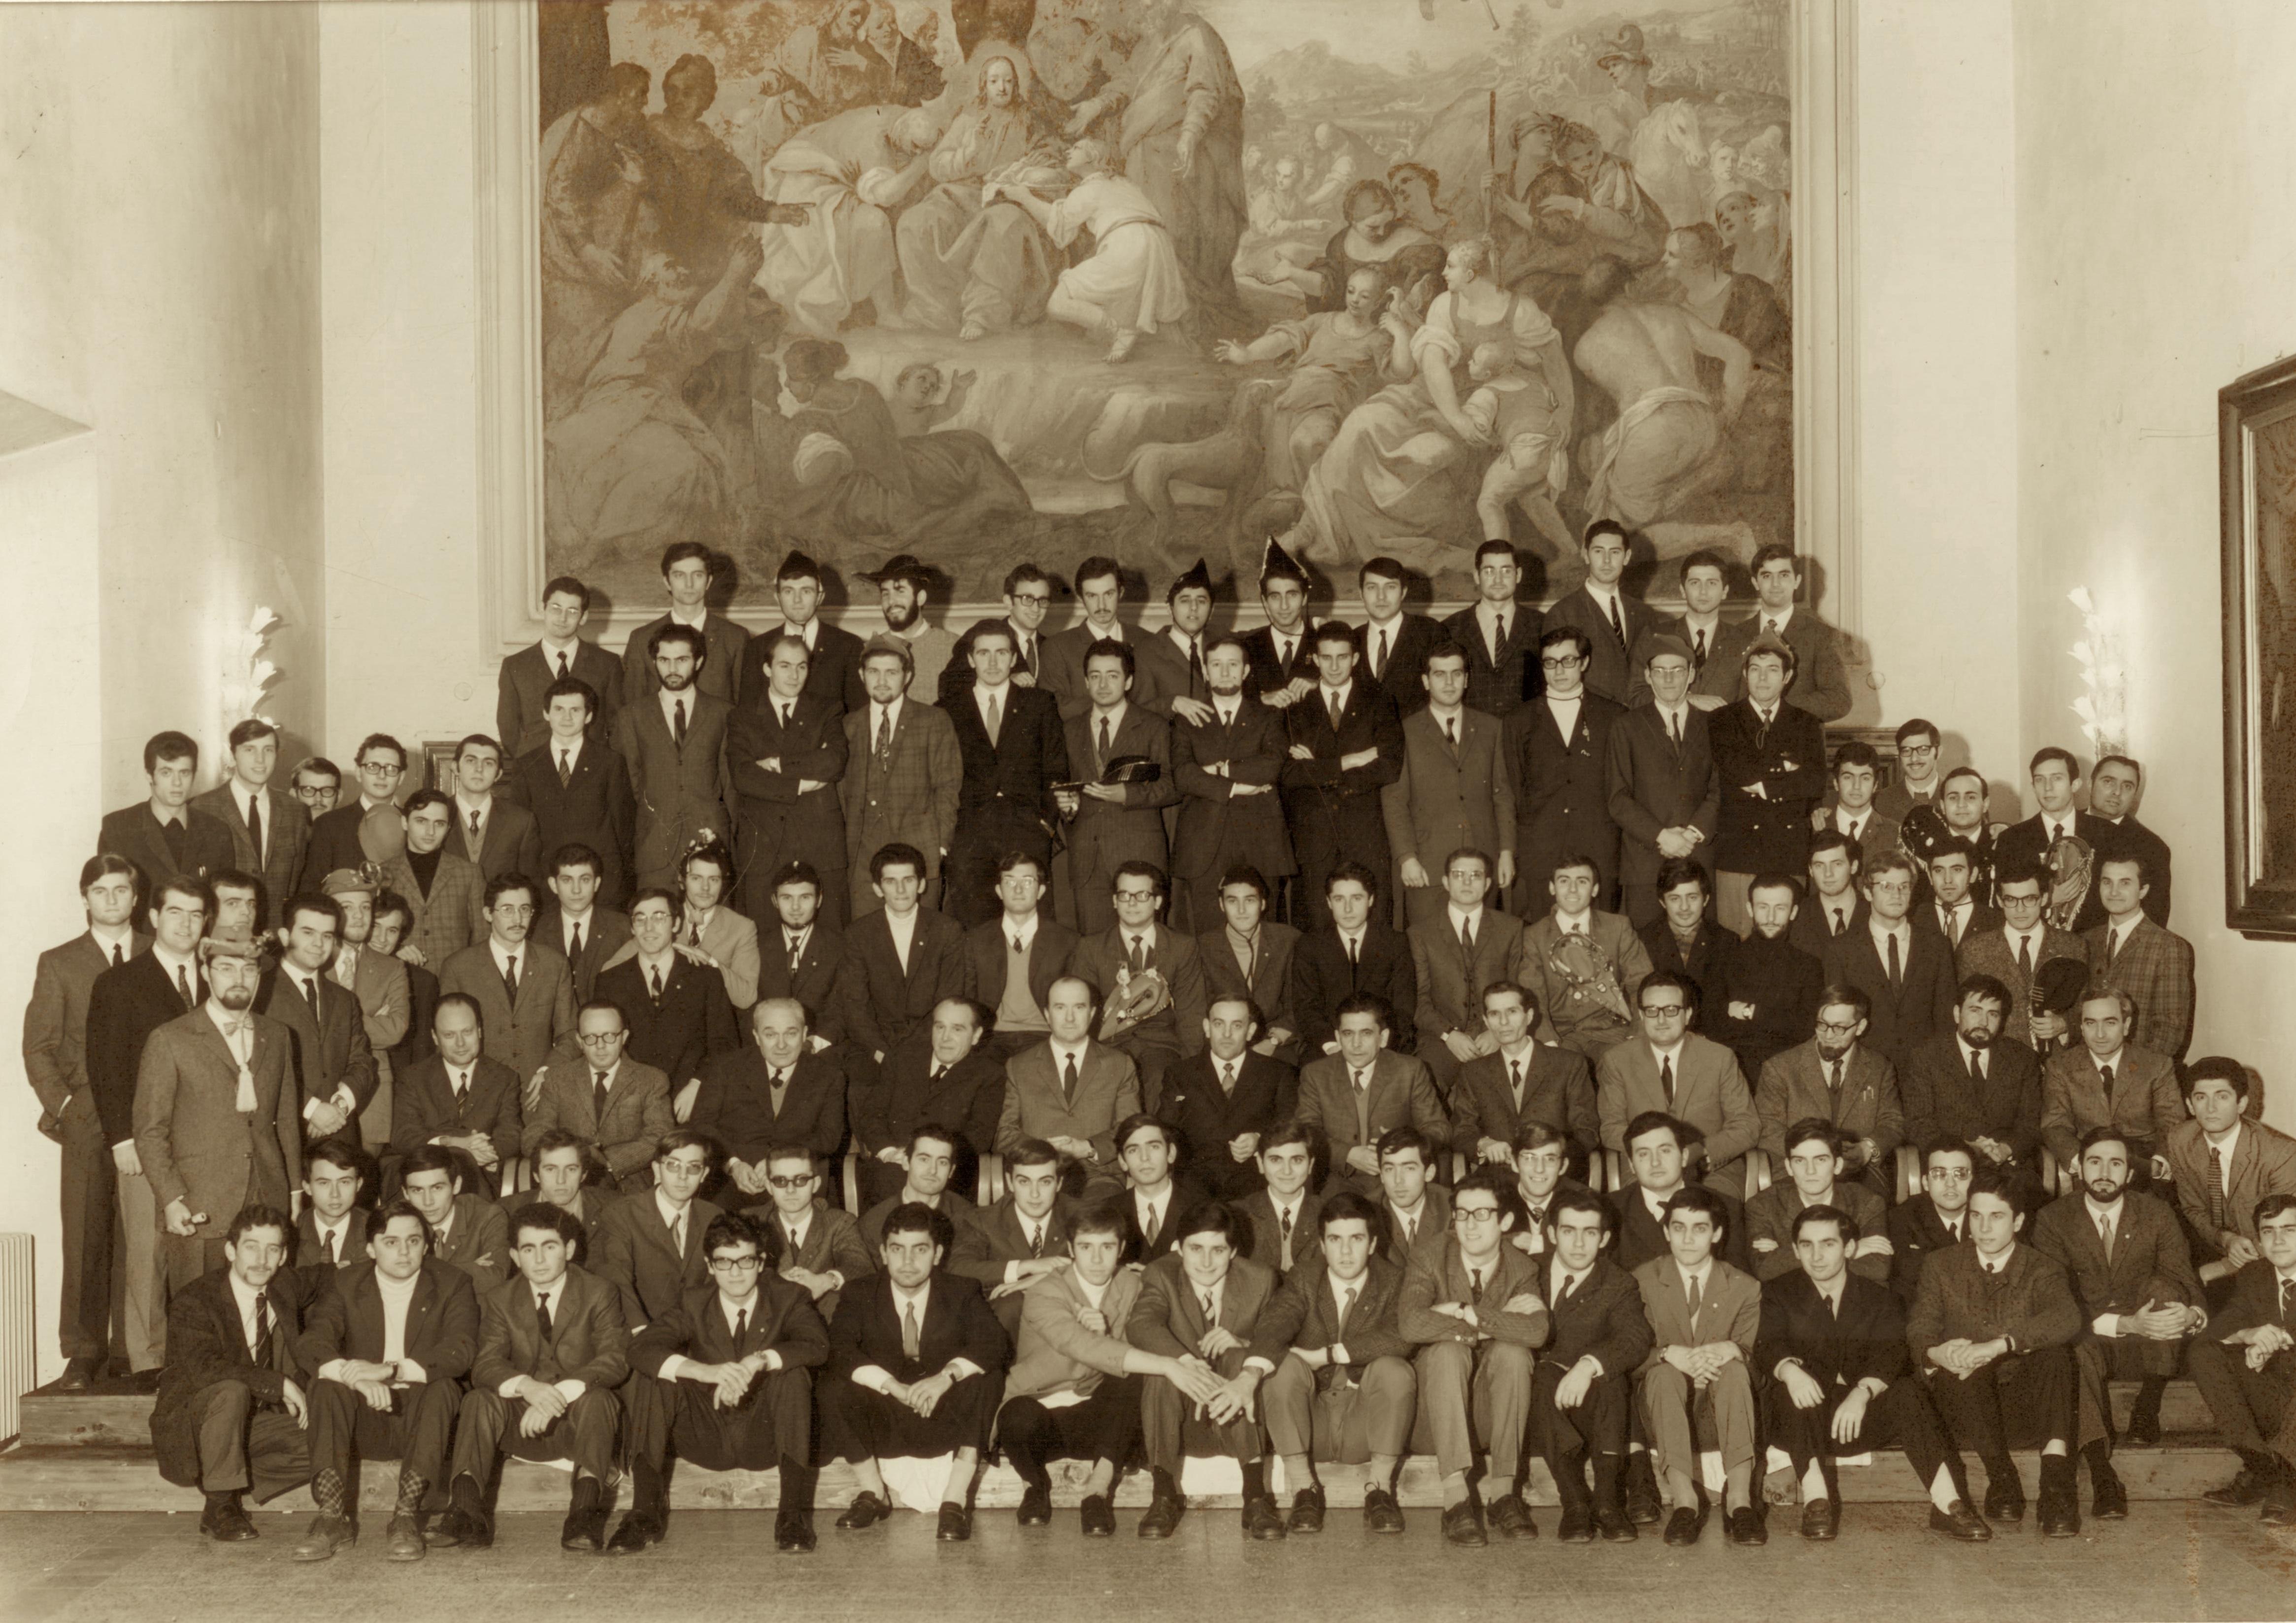 pavia-collegio-cairoli-festa-delle-matricole-1968